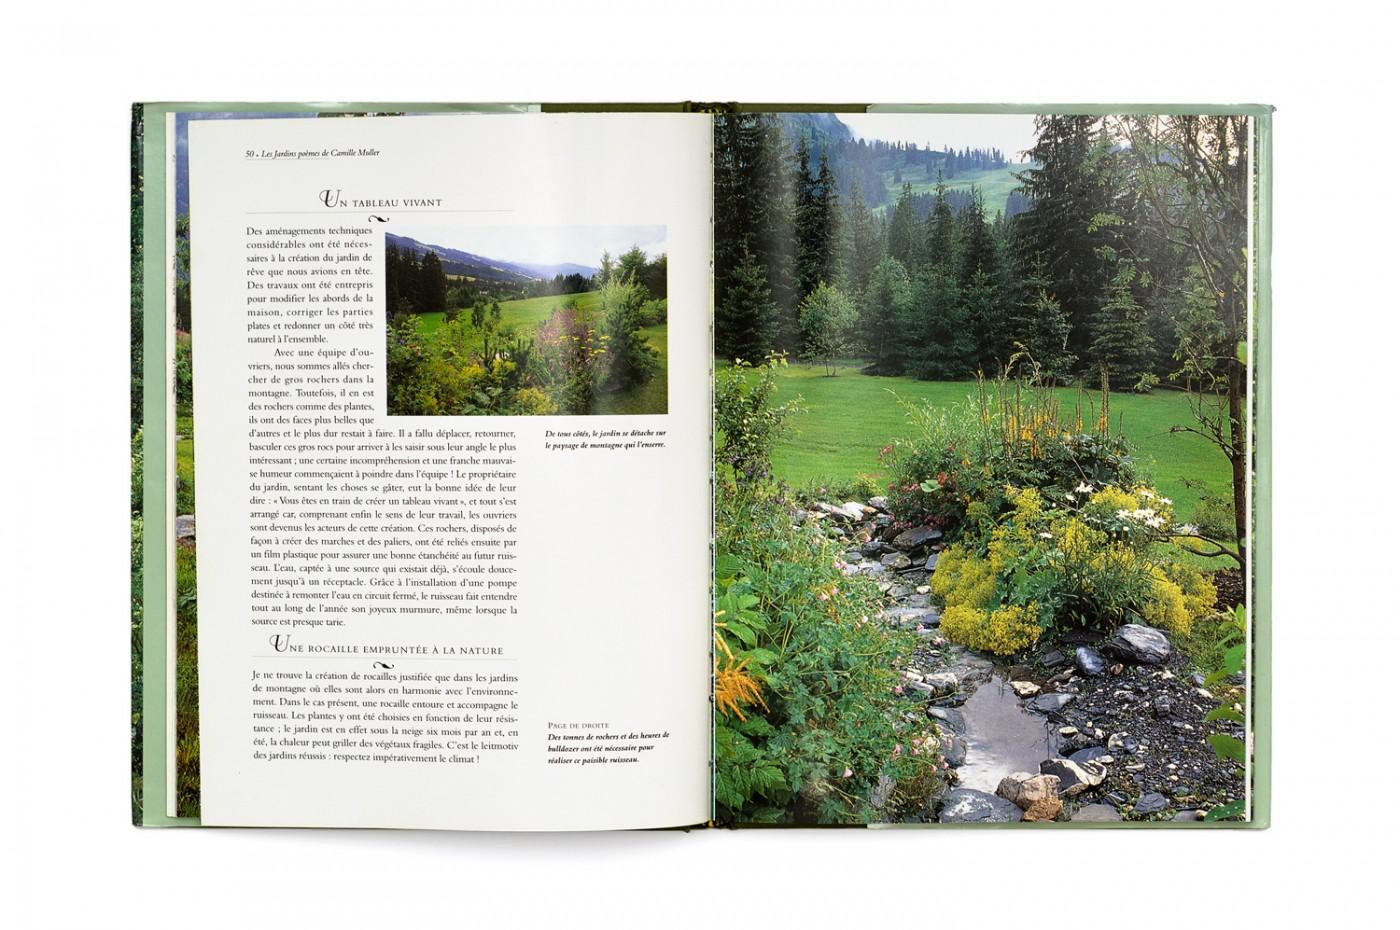 Jardins poemes 4 1400x930